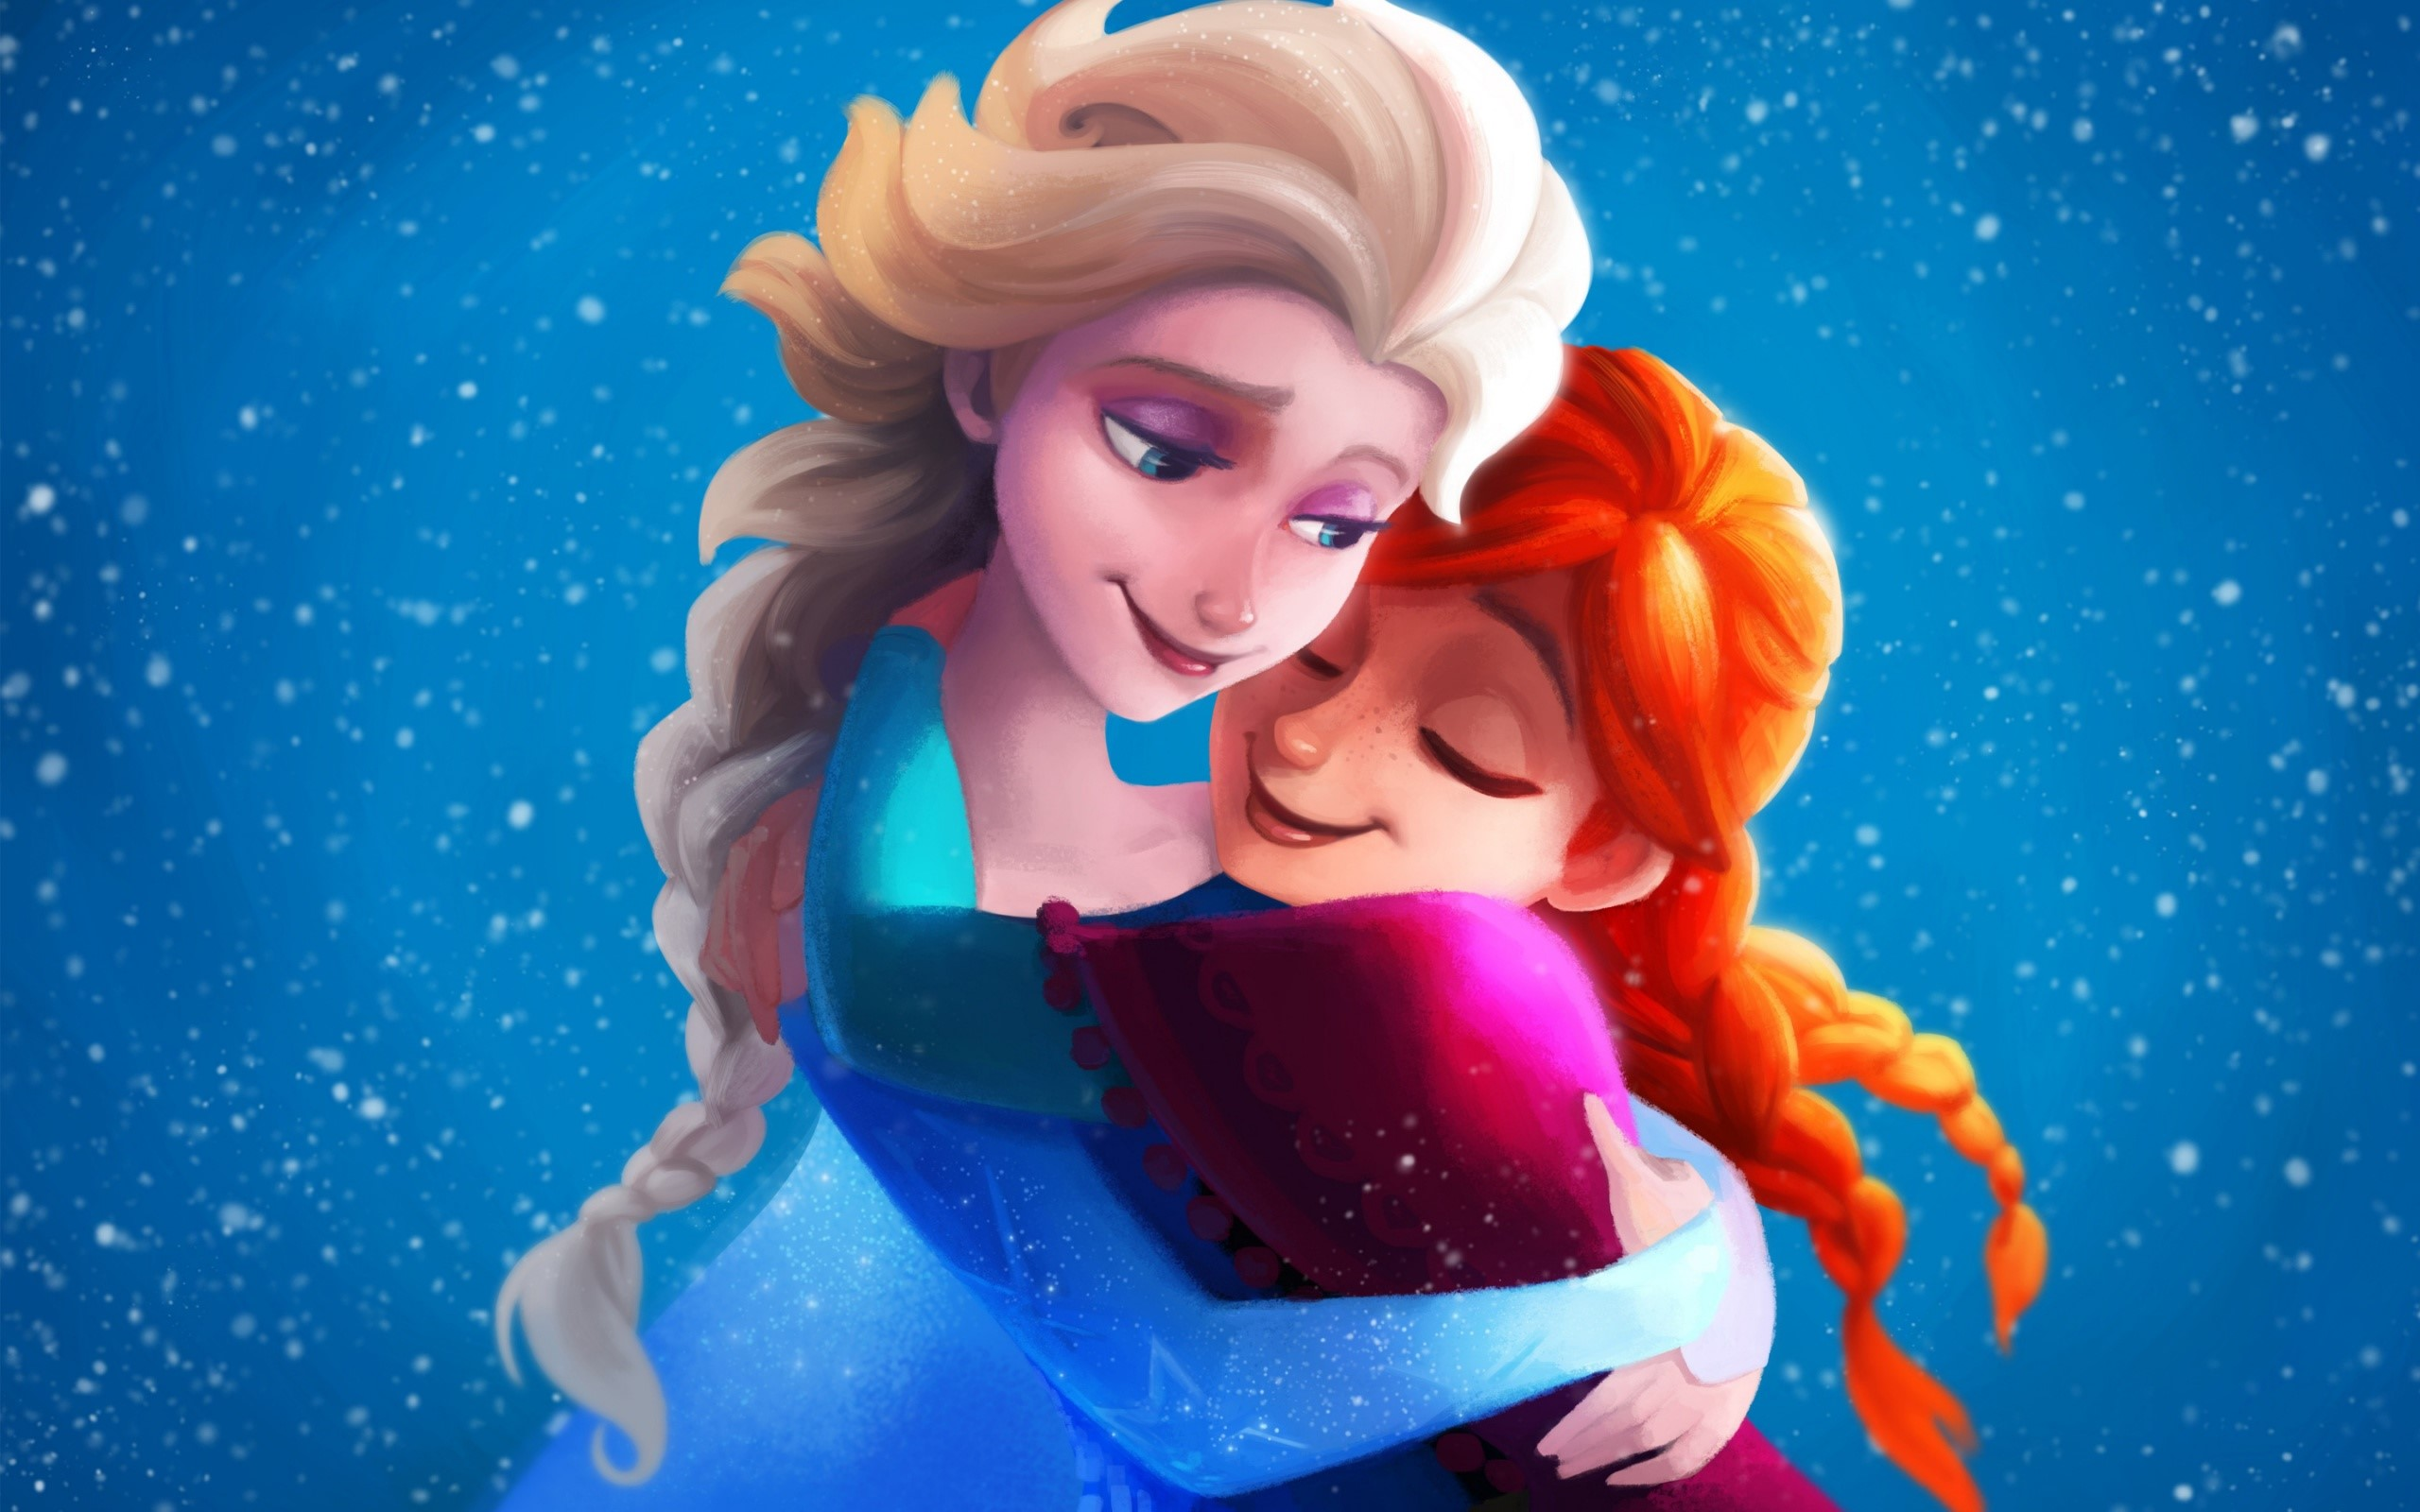 Fondo de pantalla de Elsa y Anna de Frozen Imágenes